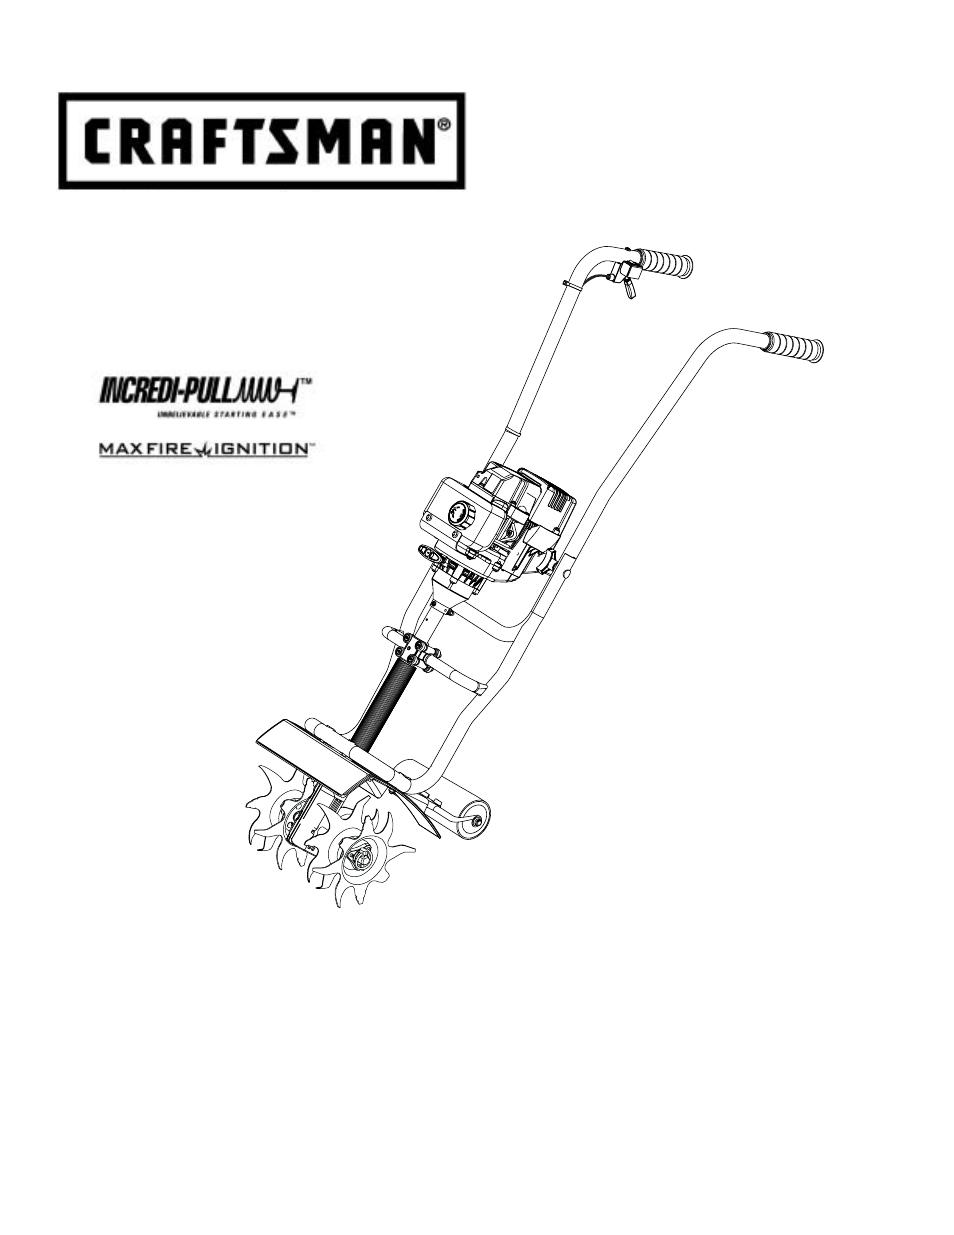 Craftsman 316 292561 User Manual